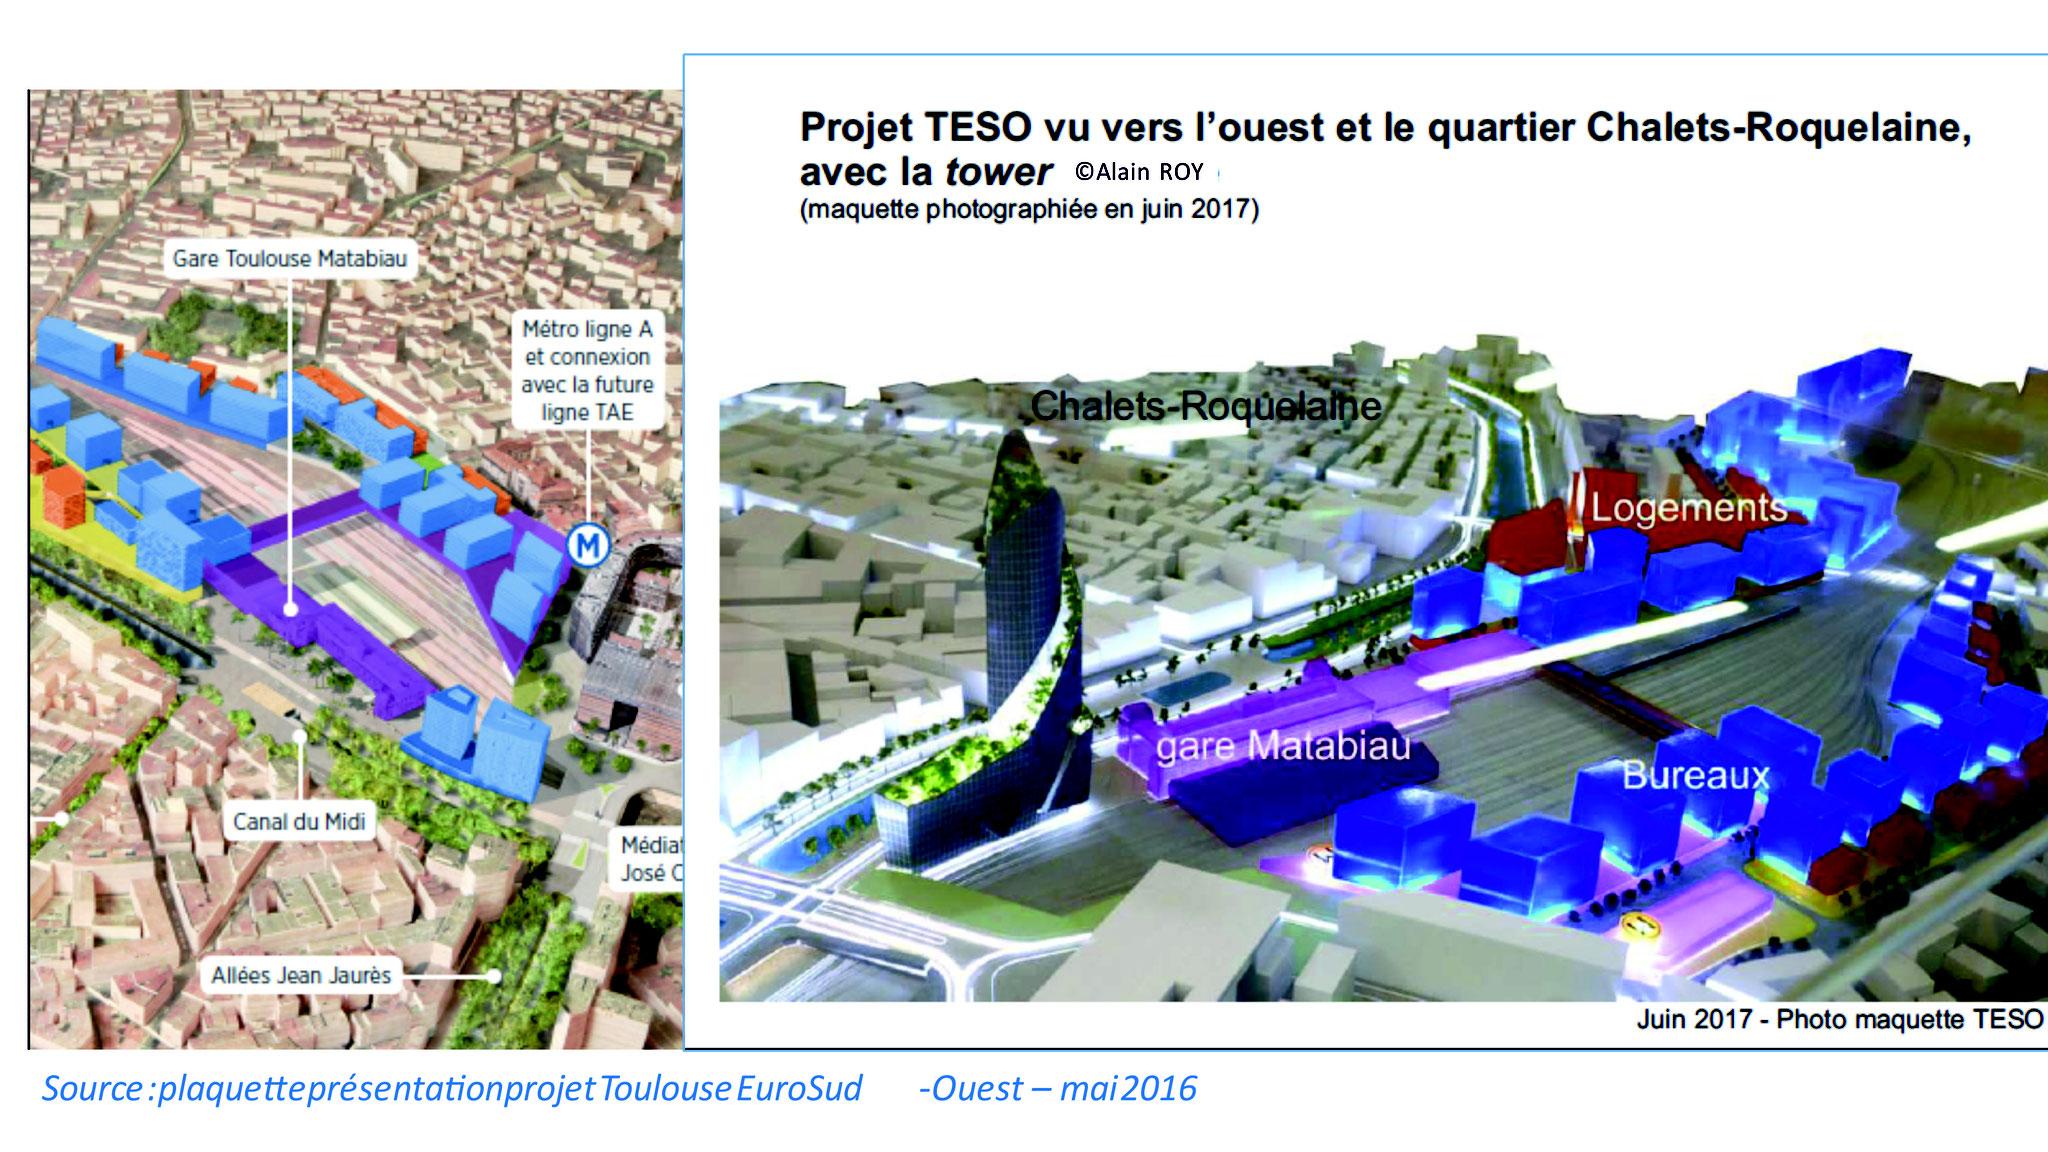 En juin 2017 on découvre la tour annoncée à Cannes par le maire de Toulouse au mois de mars 17